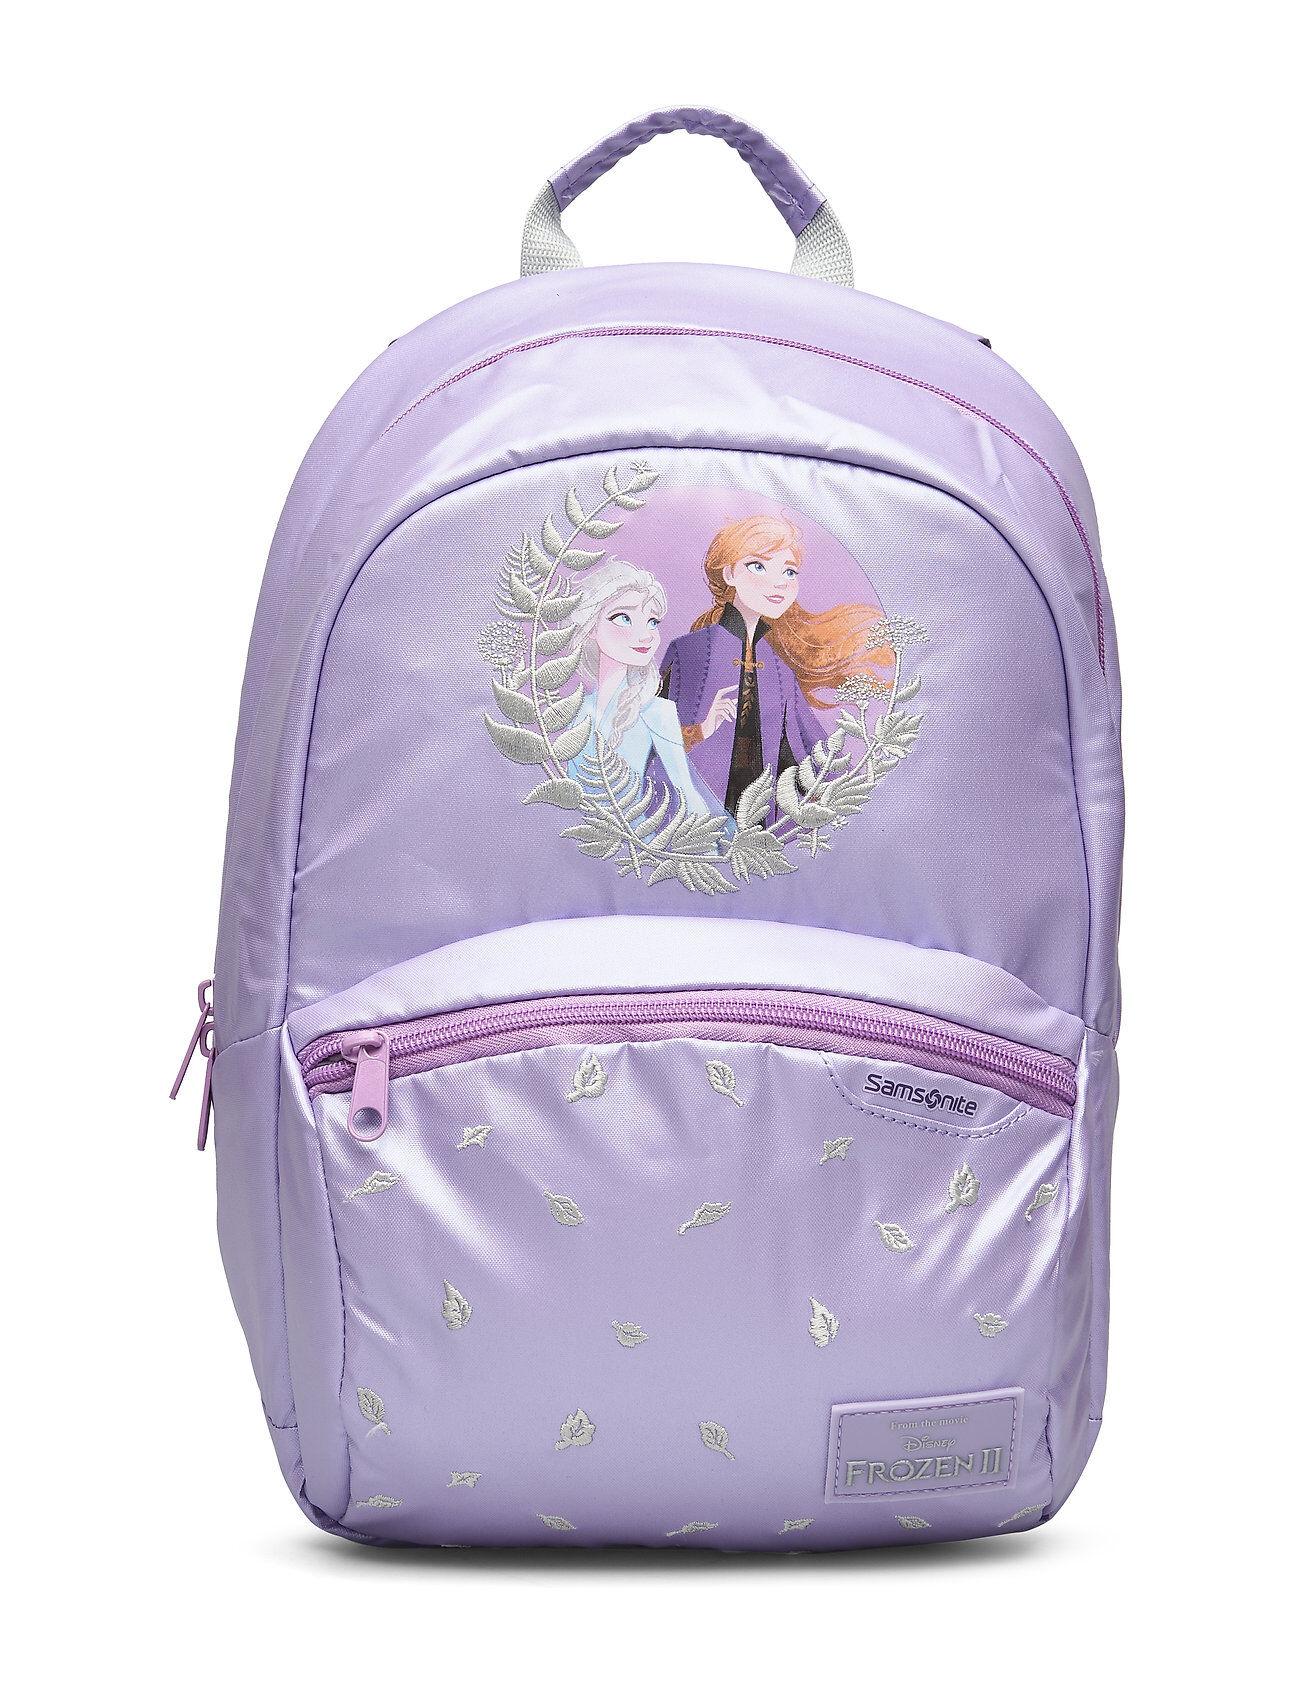 Samsonite Disney Backpack S+ Frozen Ii Accessories Bags Backpacks Liila Samsonite